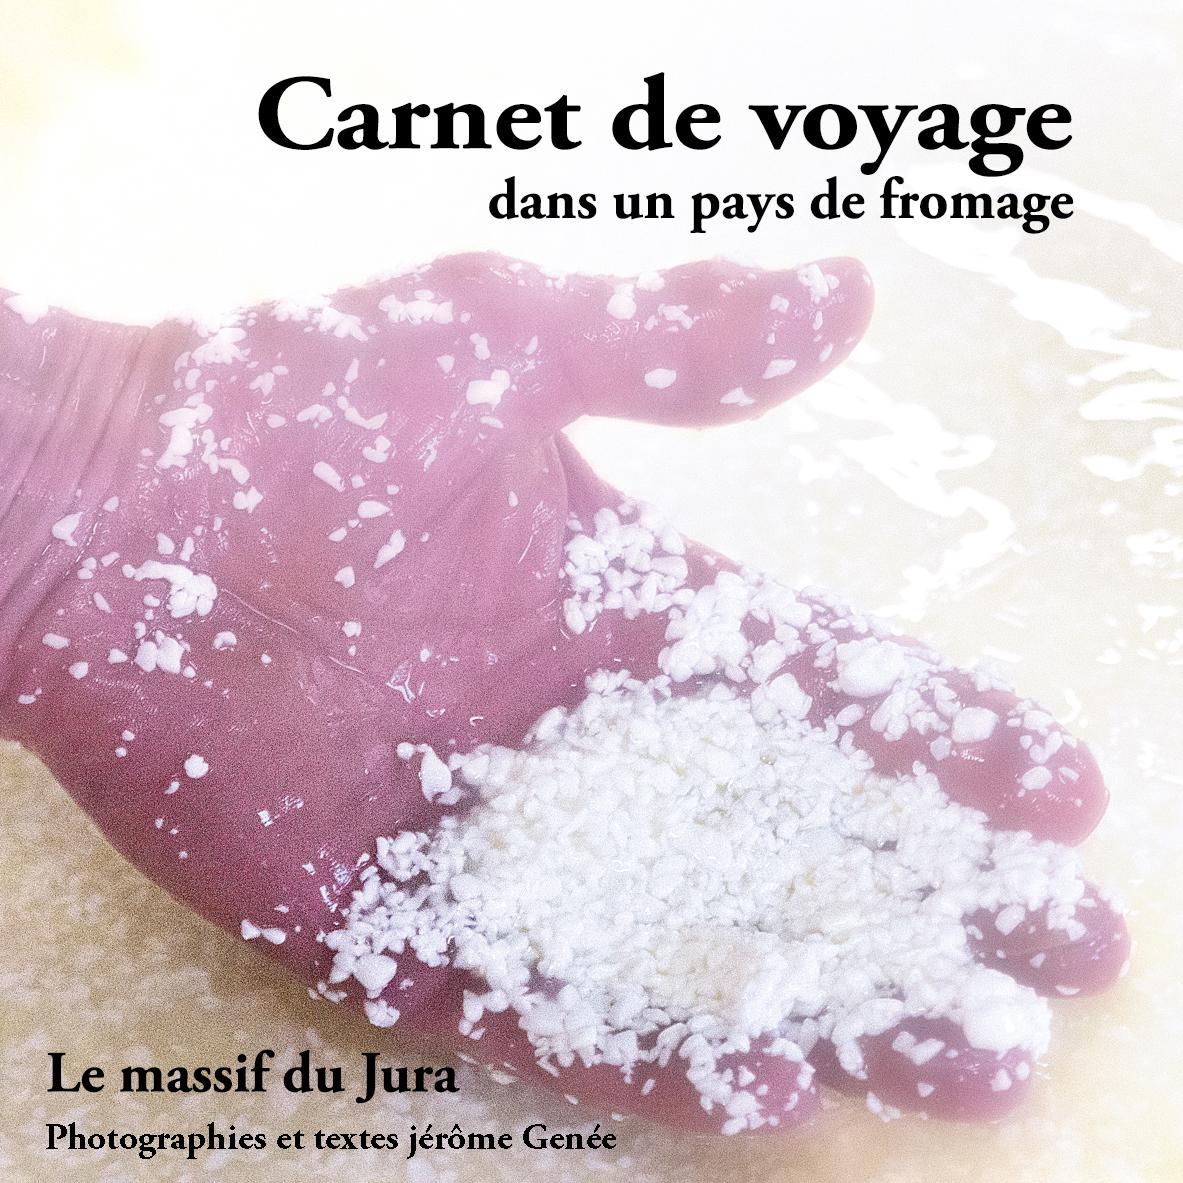 Carnet de voyage dans un pays de fromages, le massif du Jura